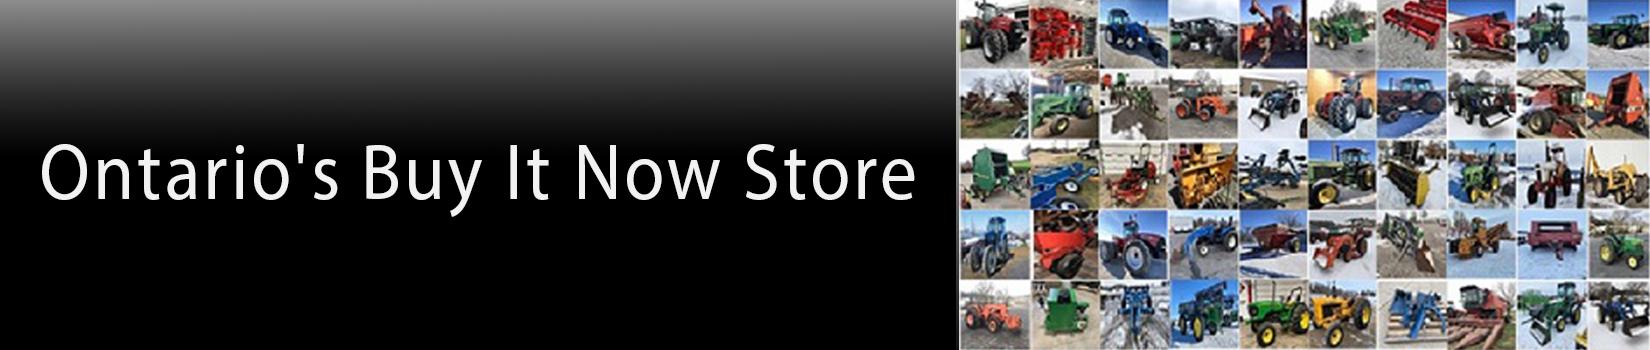 Ontario's Buy it Now Store